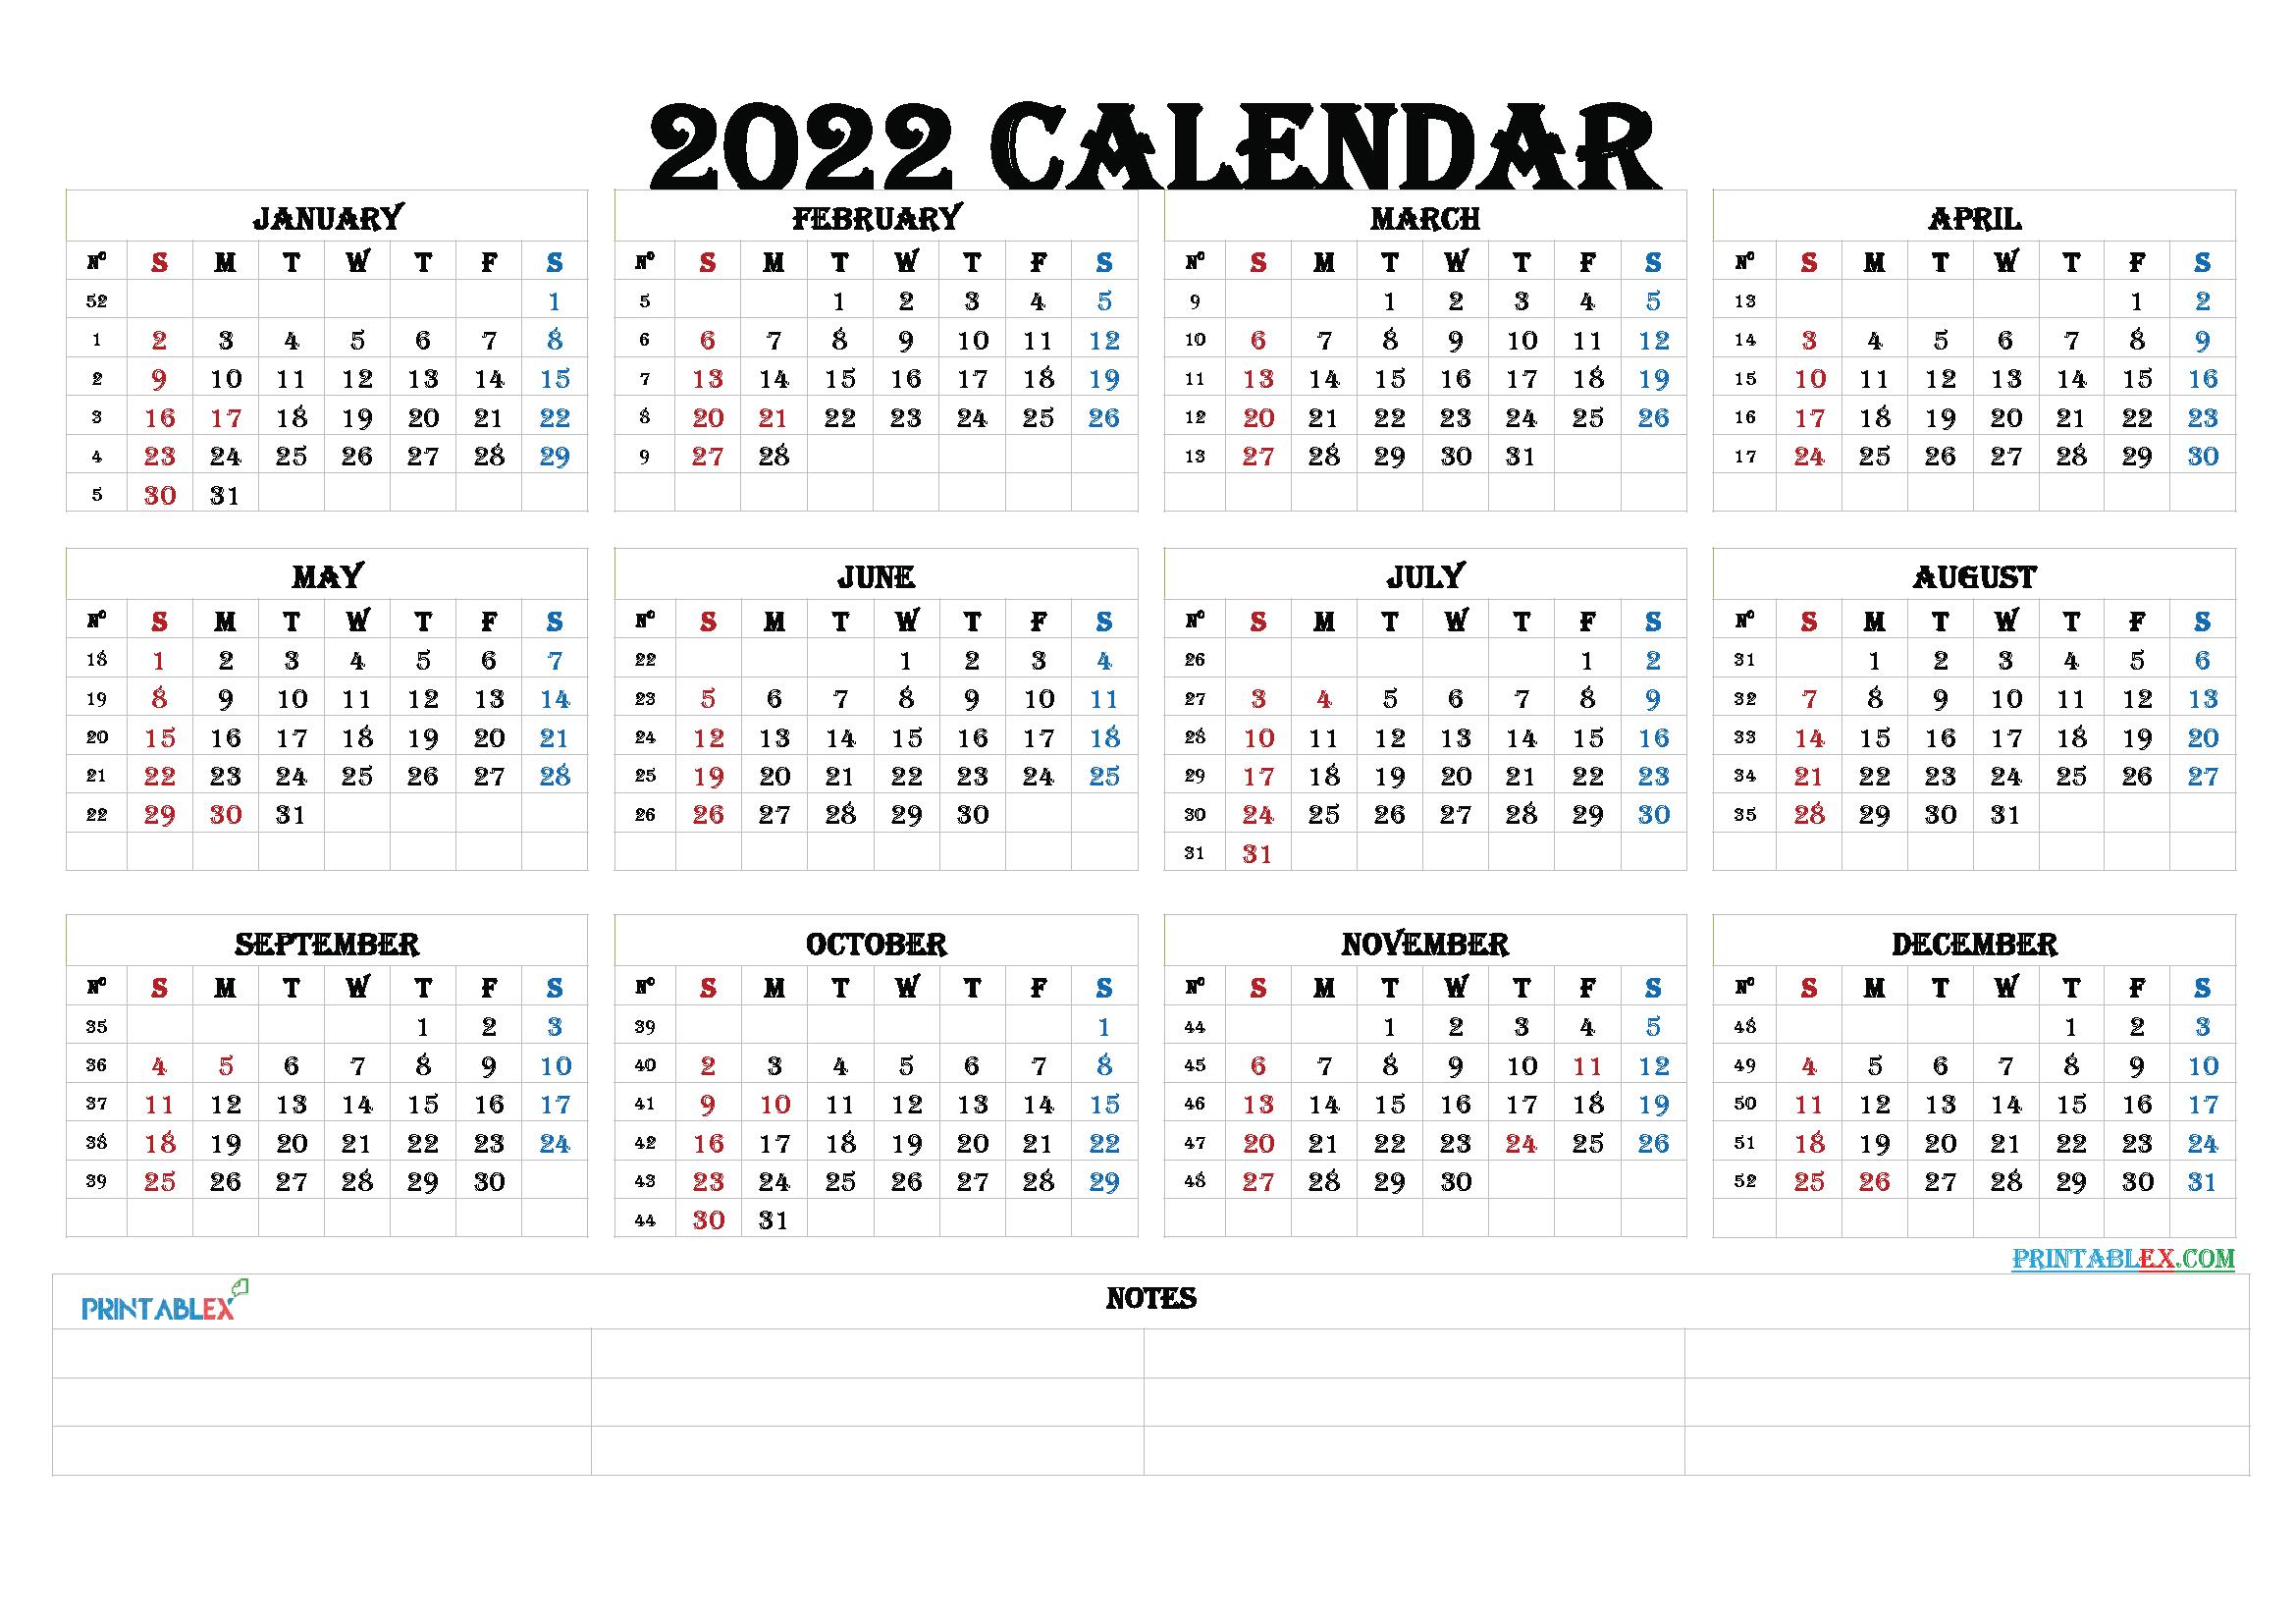 2022 Calendar With Weeks.2022 Calendar With Week Numbers Printable 2021 Free Printable